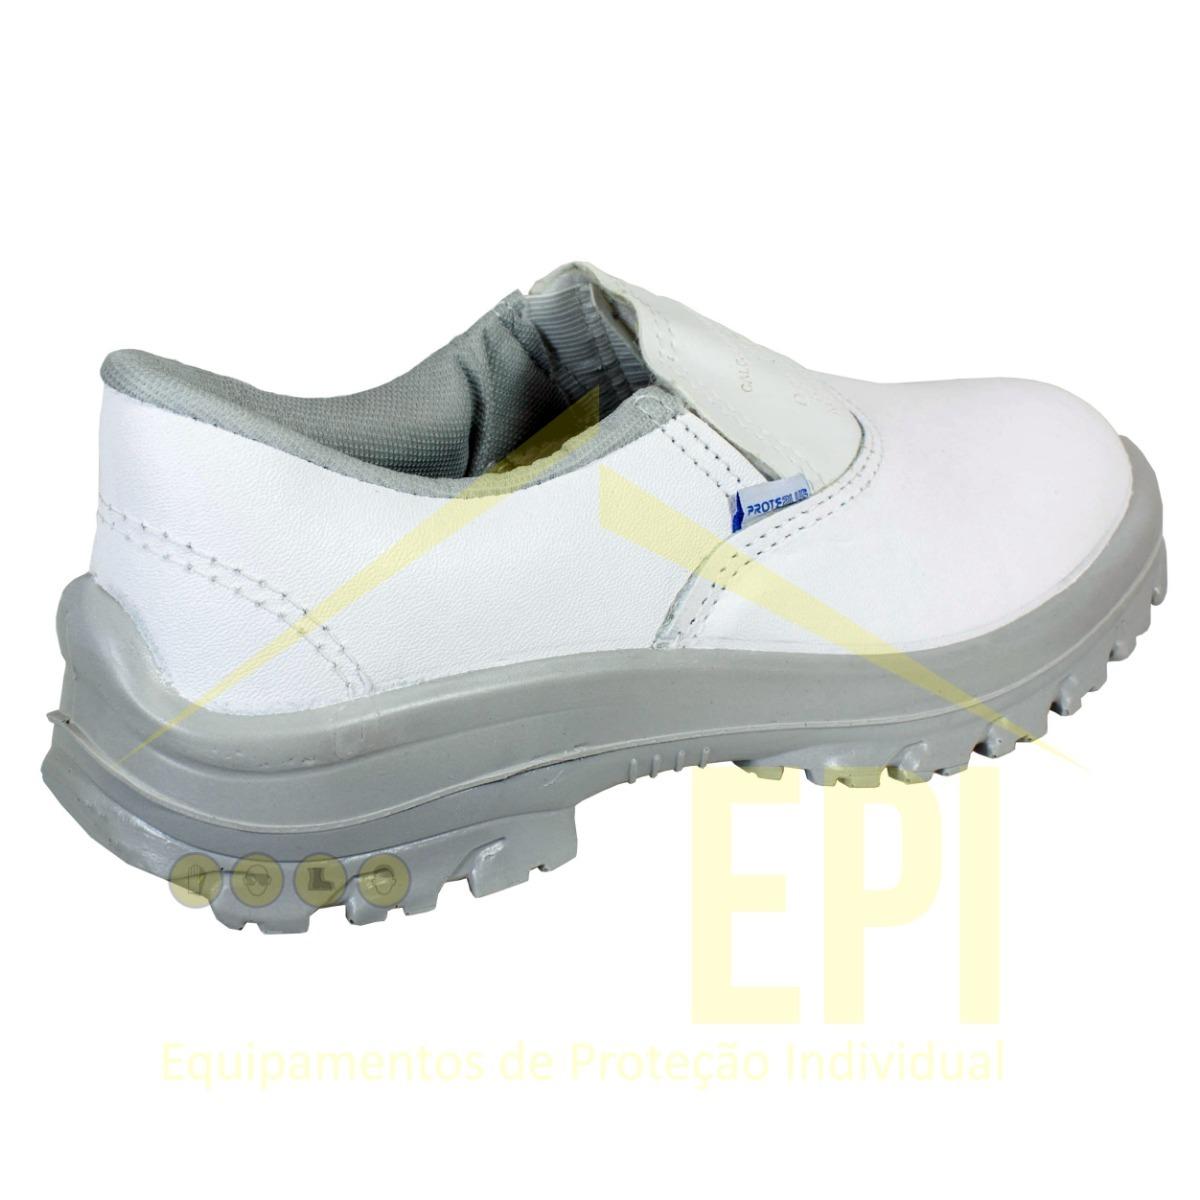 9b0522559a1ff Calçado De Segurança Branco De Proteção Epi Proteplus - R  69